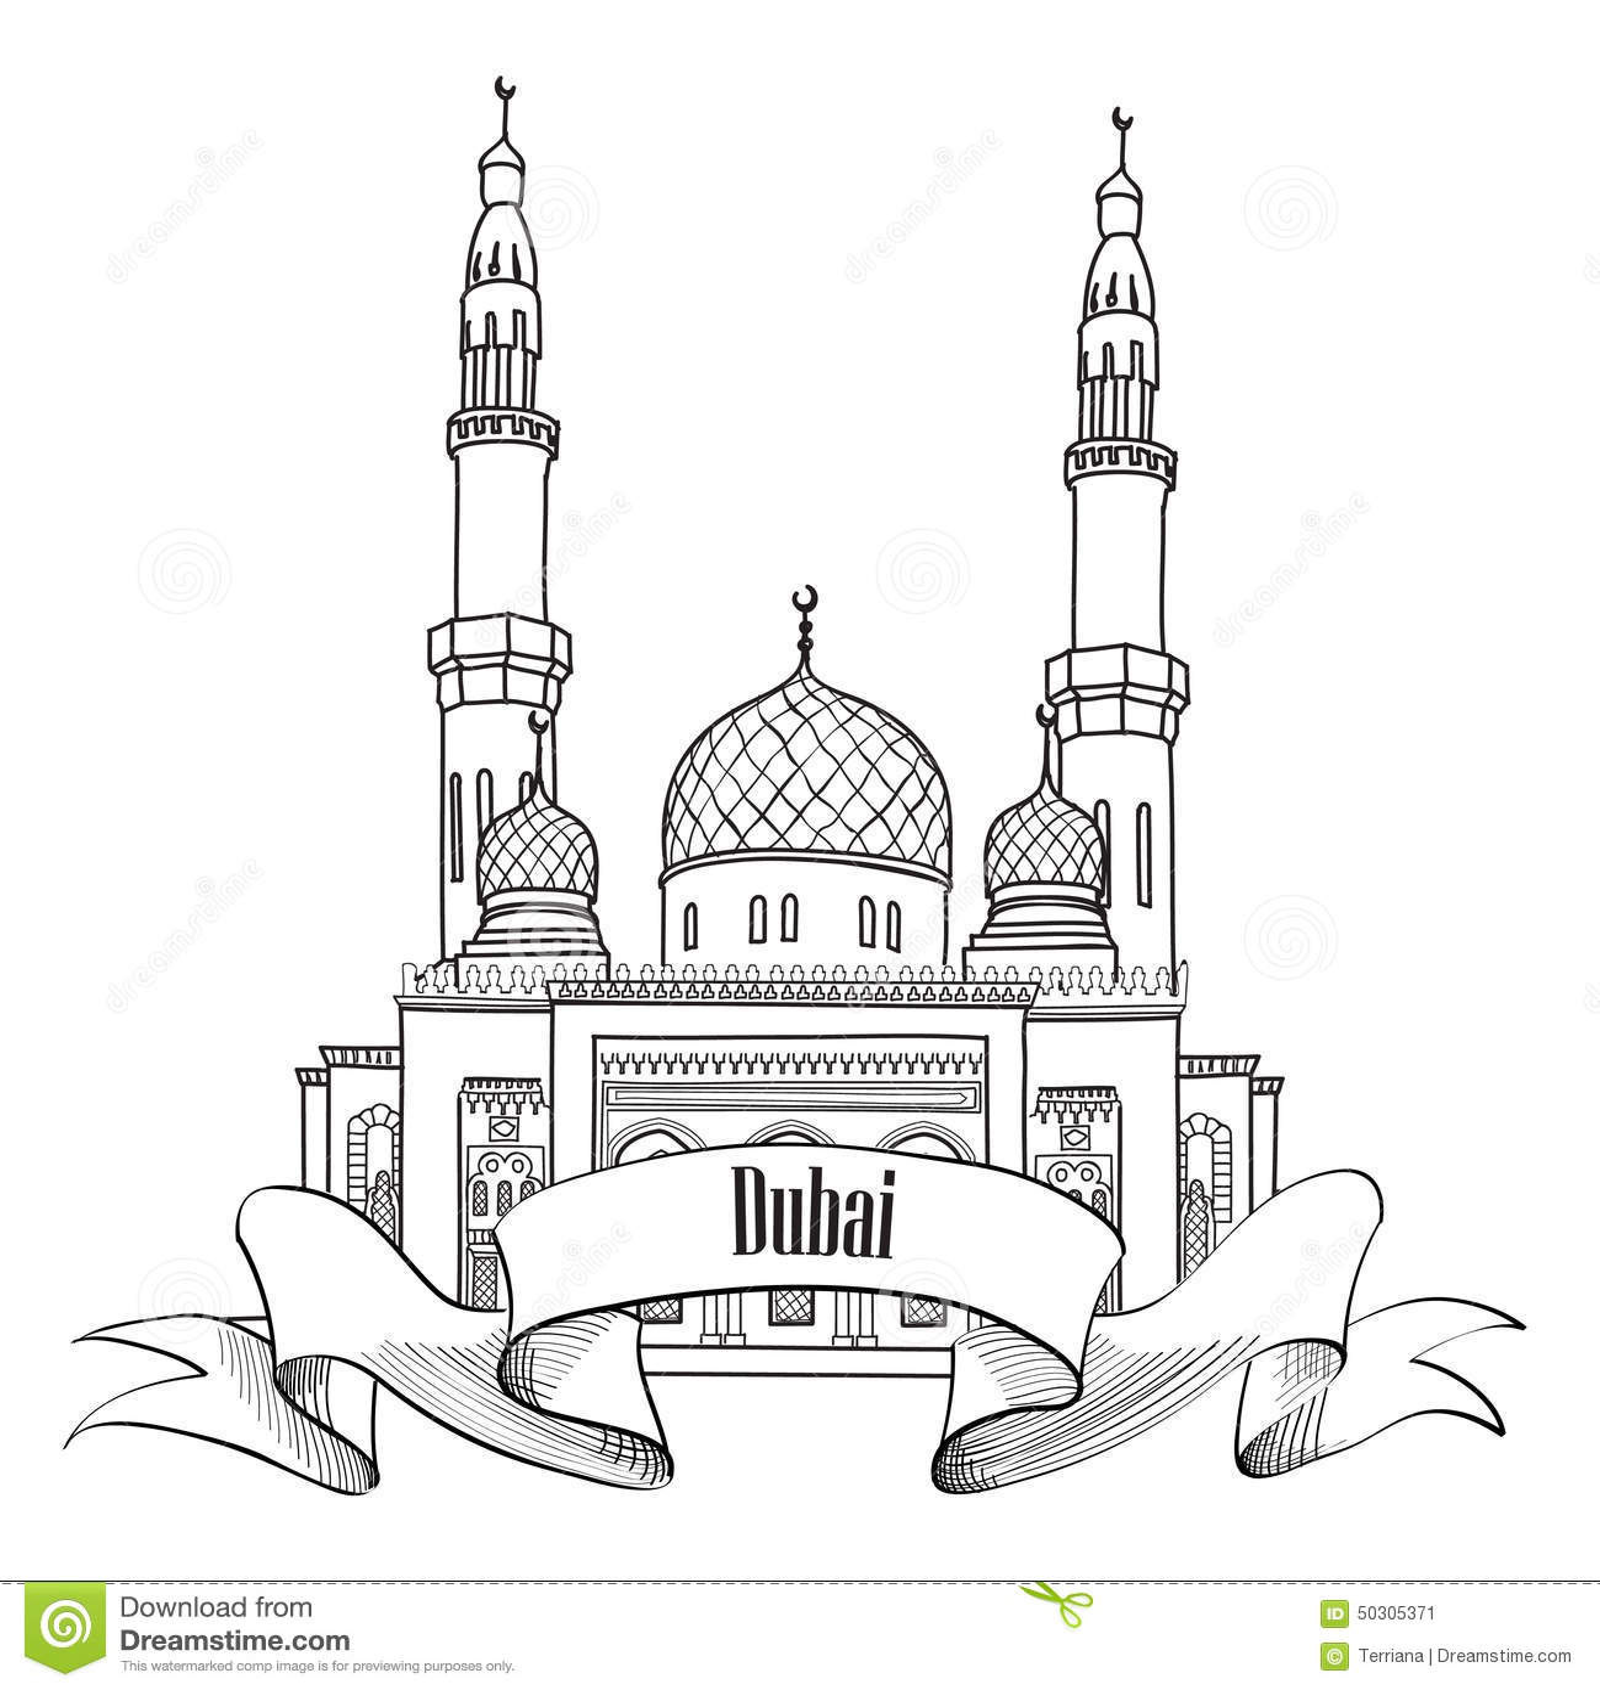 Dubai City Label Travel UAE Symbol